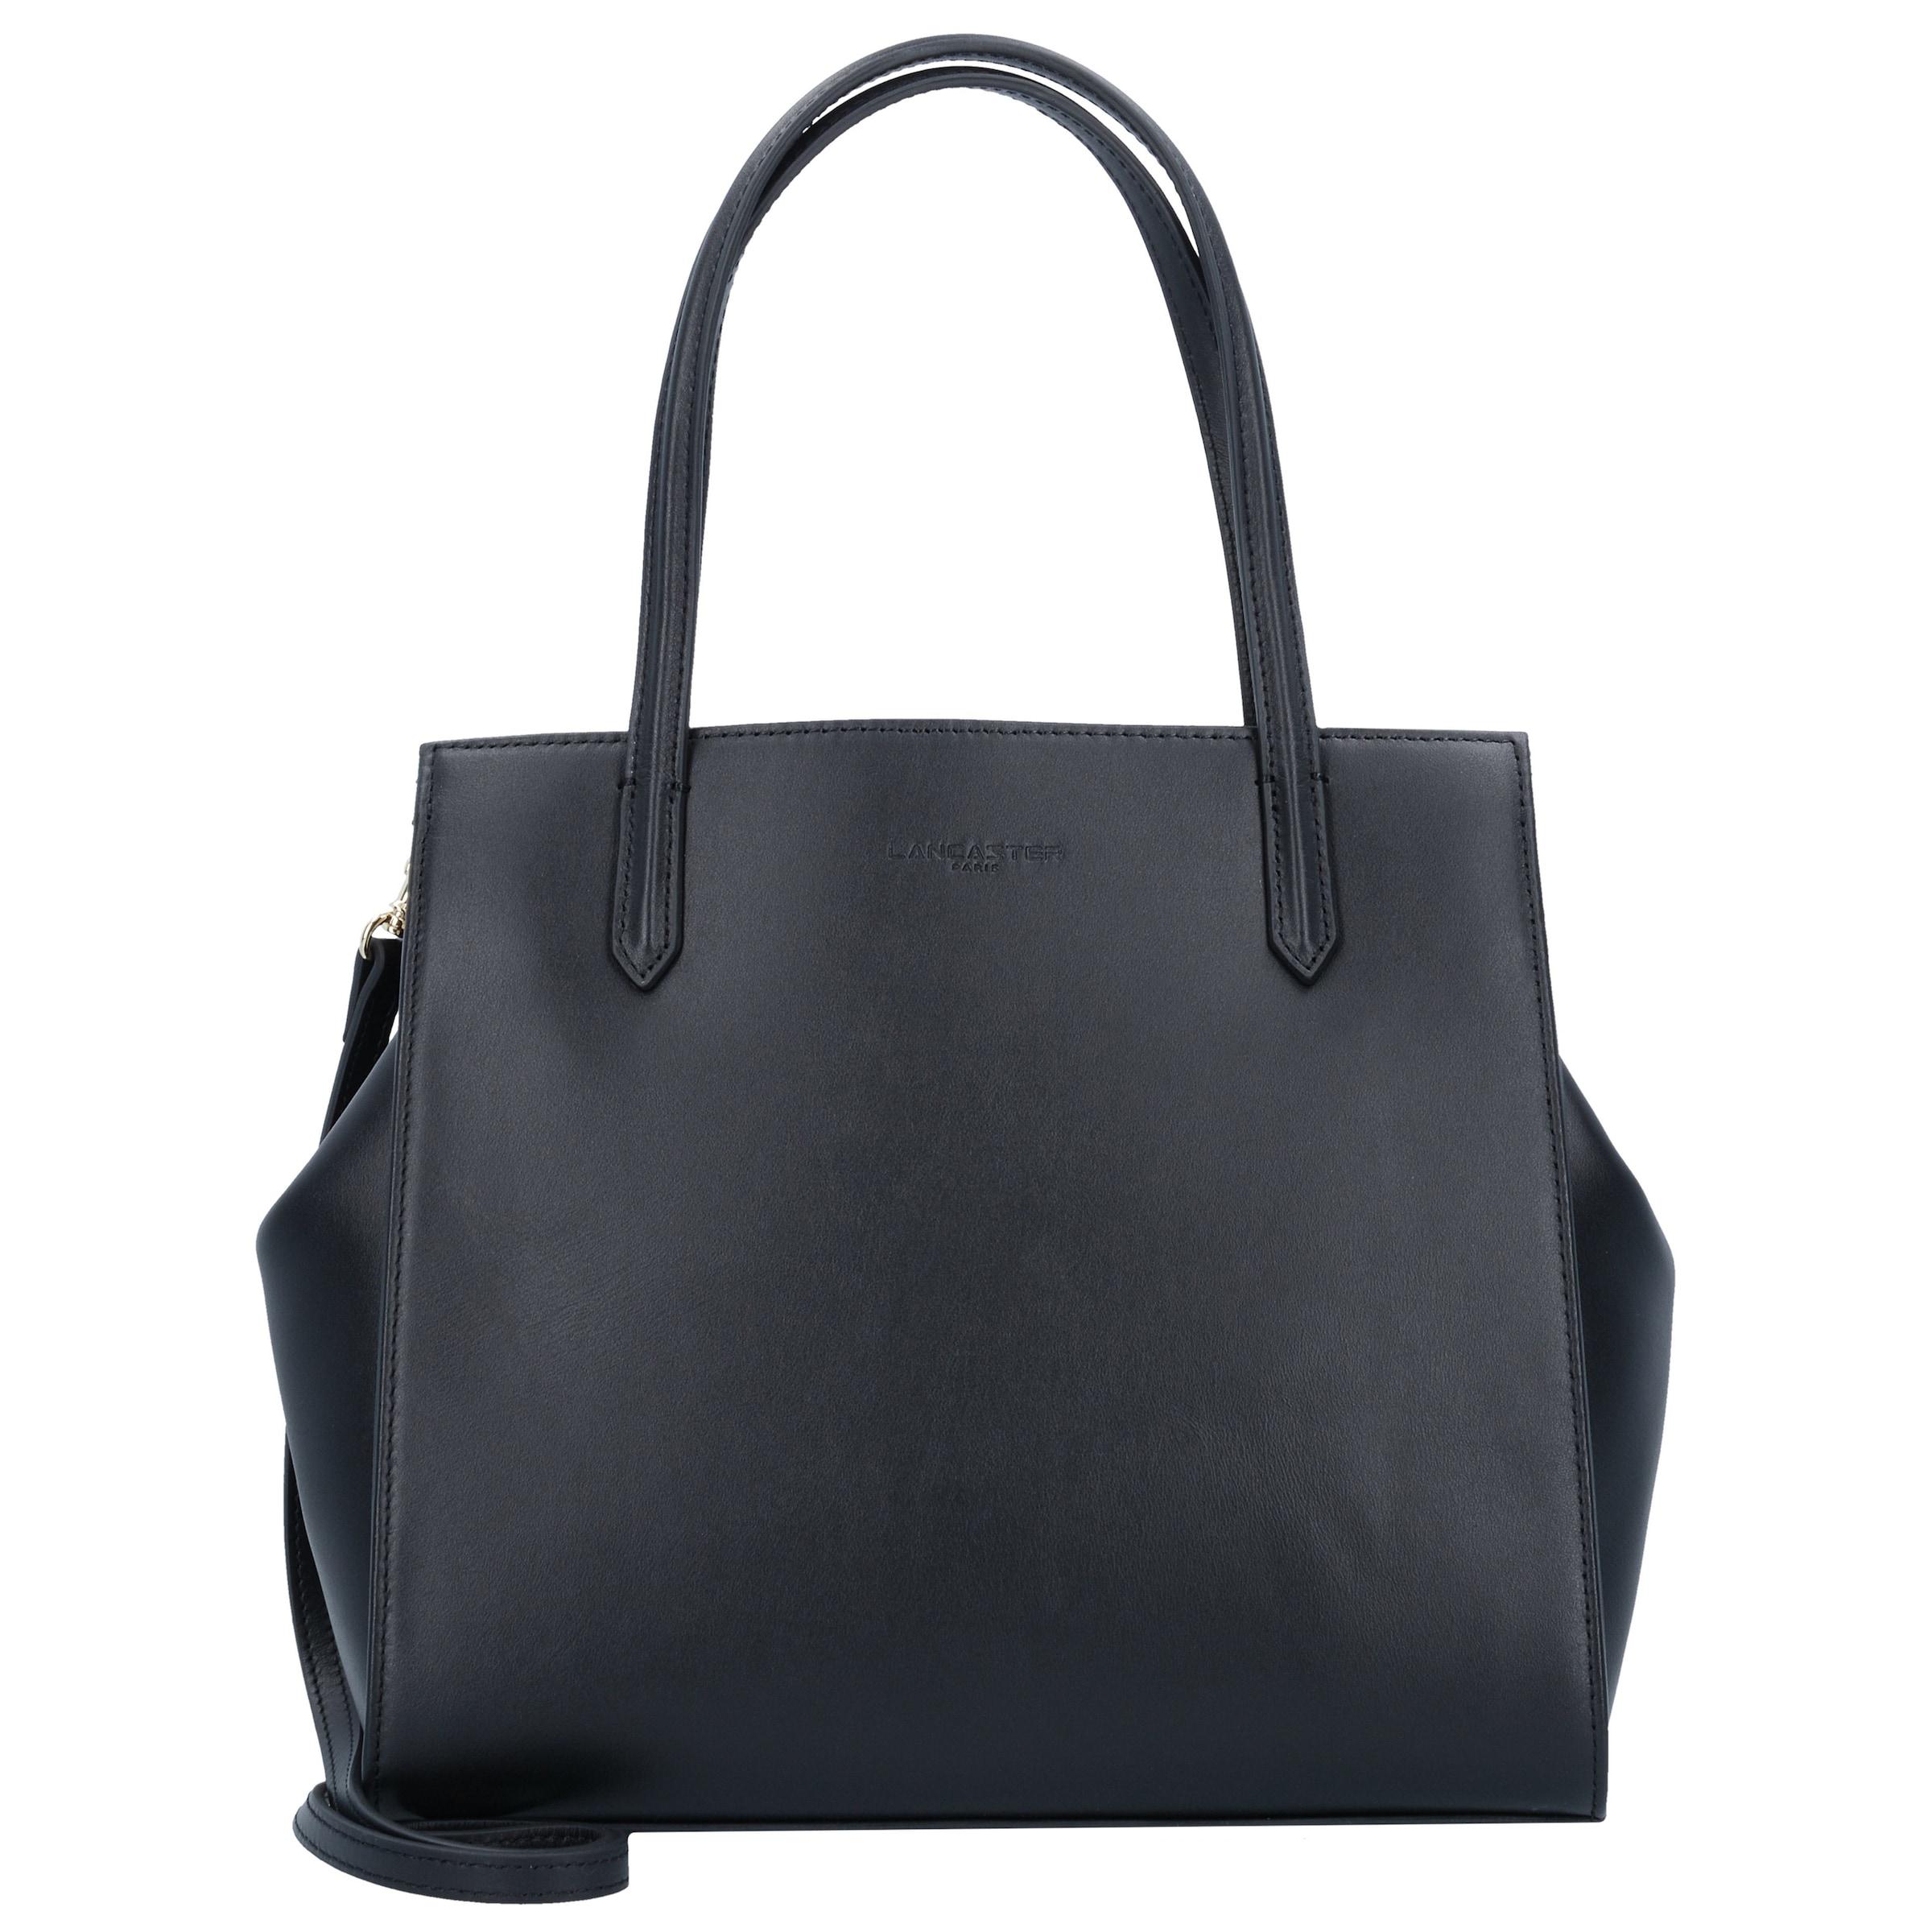 Freies Verschiffen Sammlungen LANCASTER 'Nina' Handtasche Leder 28 cm Rabatt Kaufen Günstig Kaufen Lohn Mit Paypal Billig Verkauf Vermarktbare lBZiAiYetj